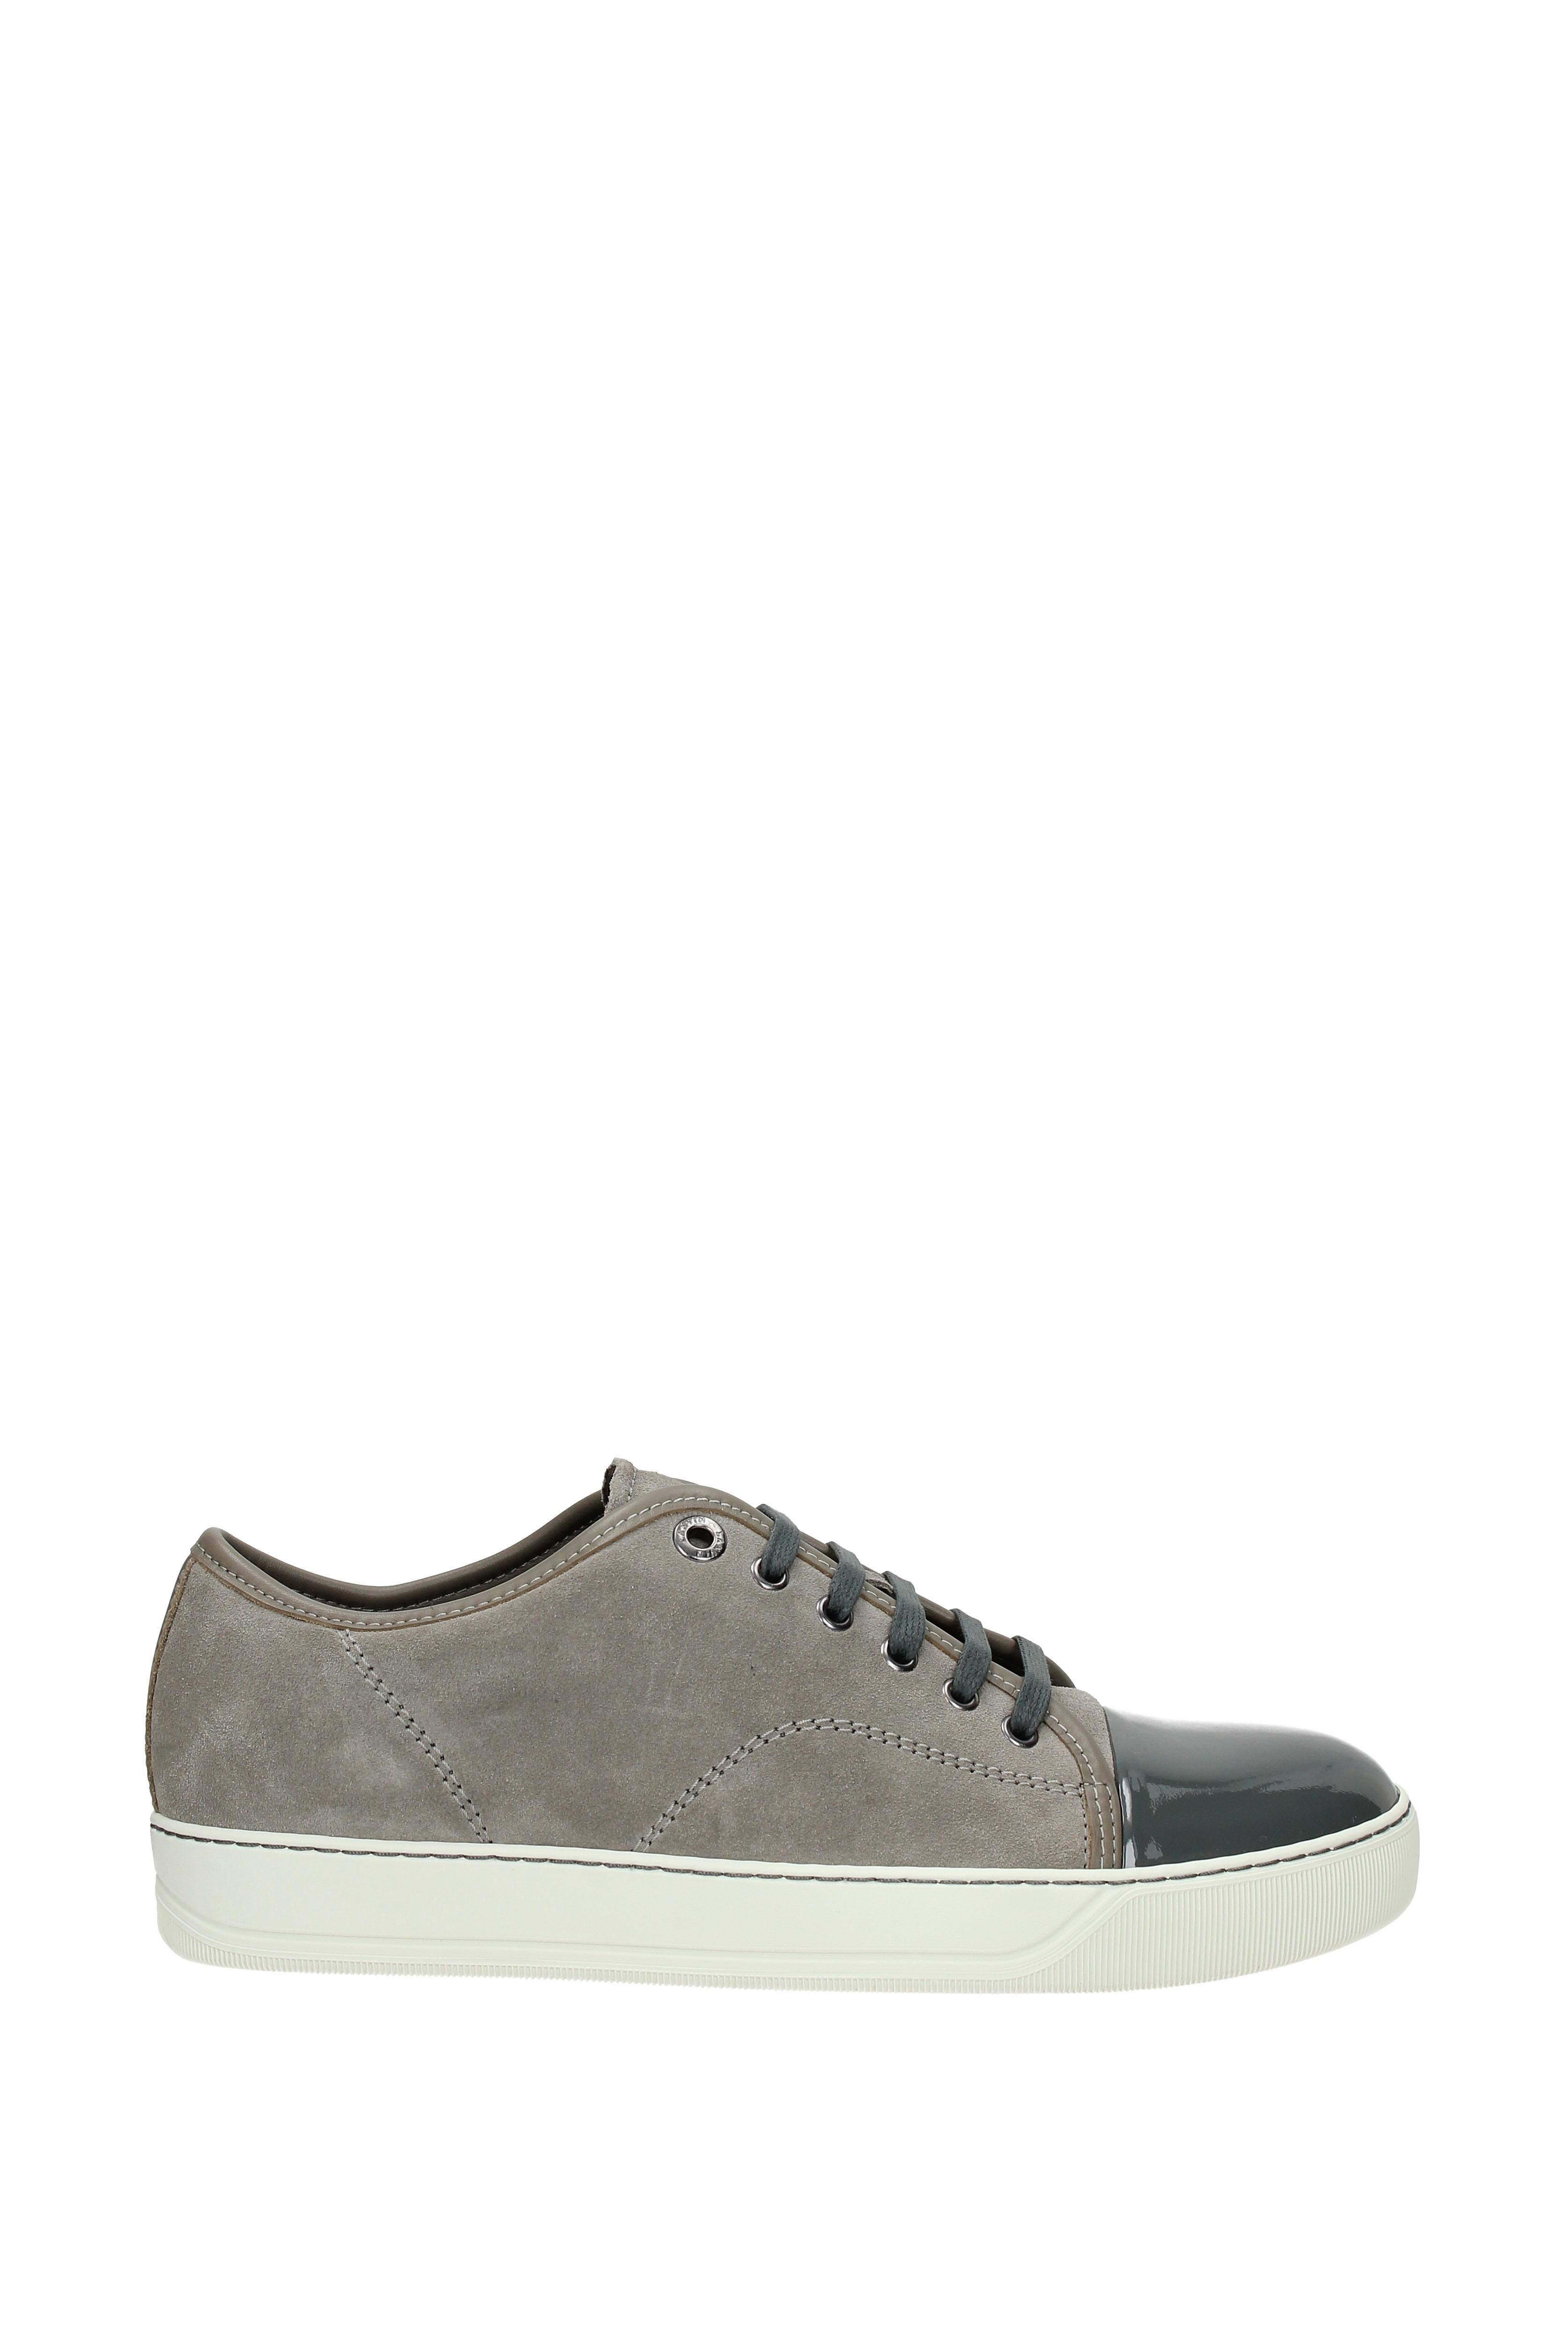 Sneakers Herren Lanvin Herren Sneakers - Wildleder (FMSKDBB1VBAL) 6f2cf0